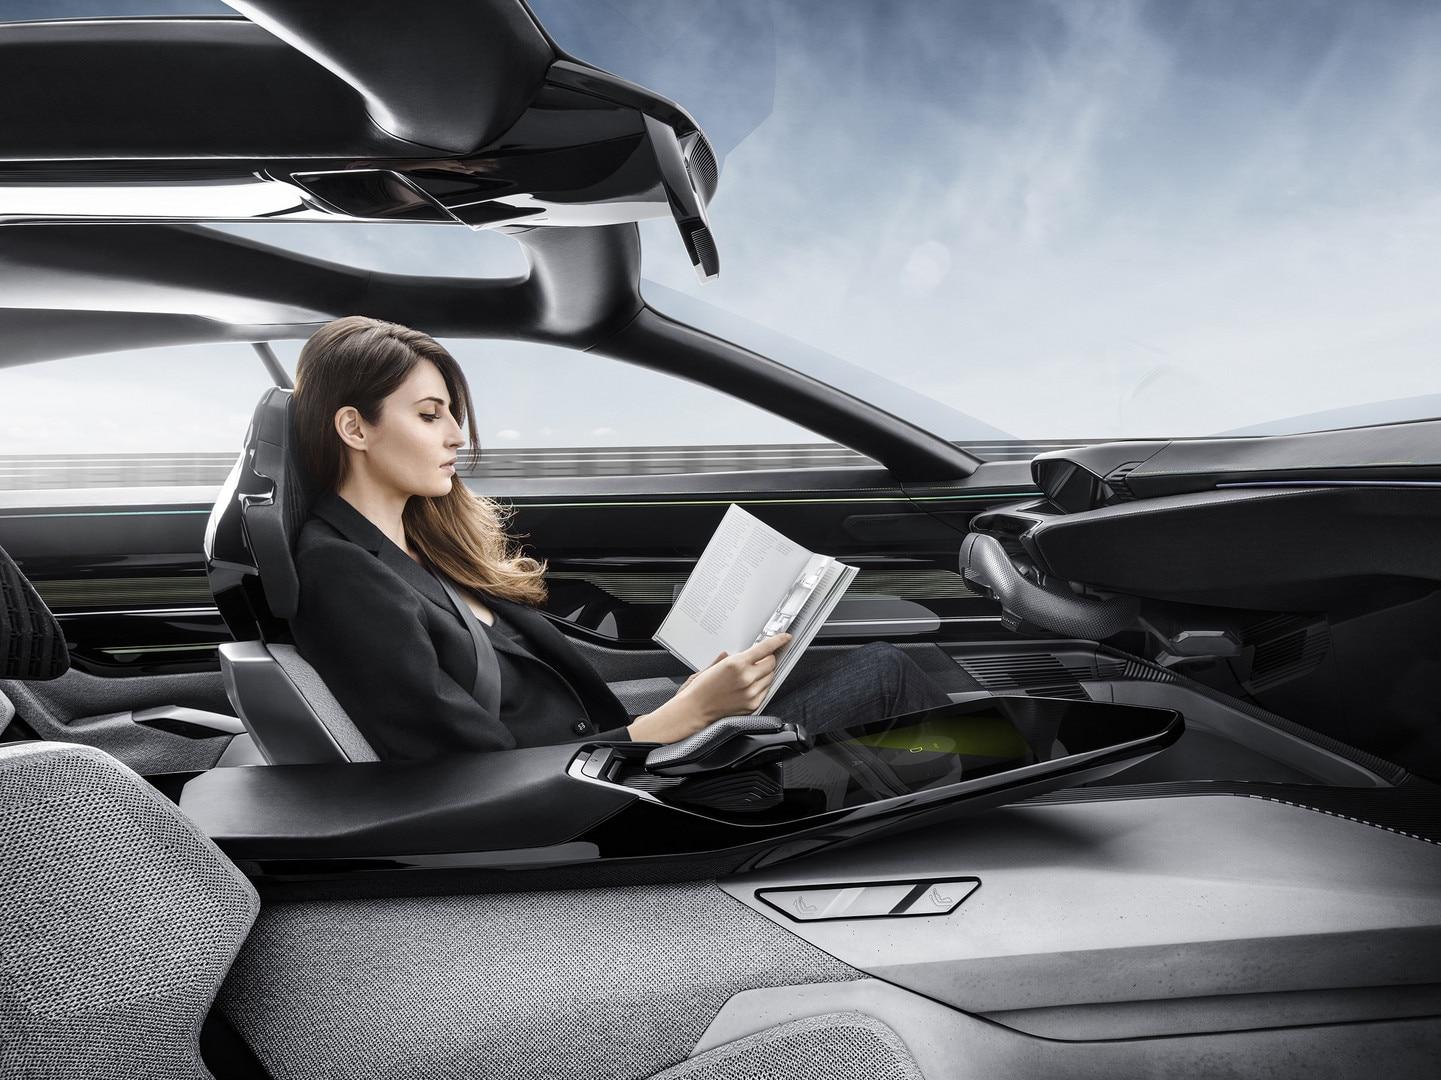 Peugeot Instinct Concept - Peugeot Responsive i-Cockpit - Conduite mode Autonomous 2